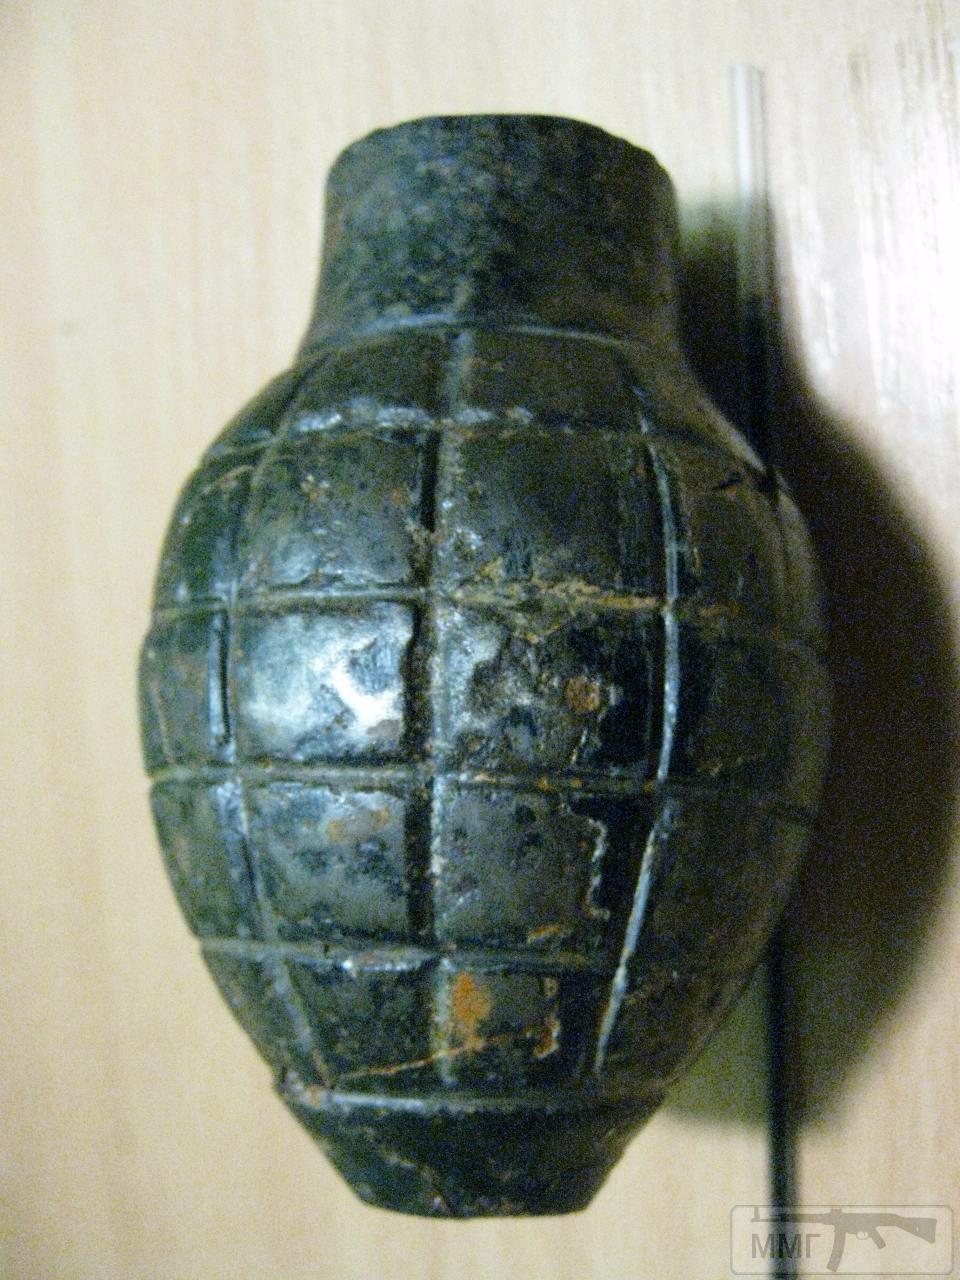 15189 - Ручная артиллерия.